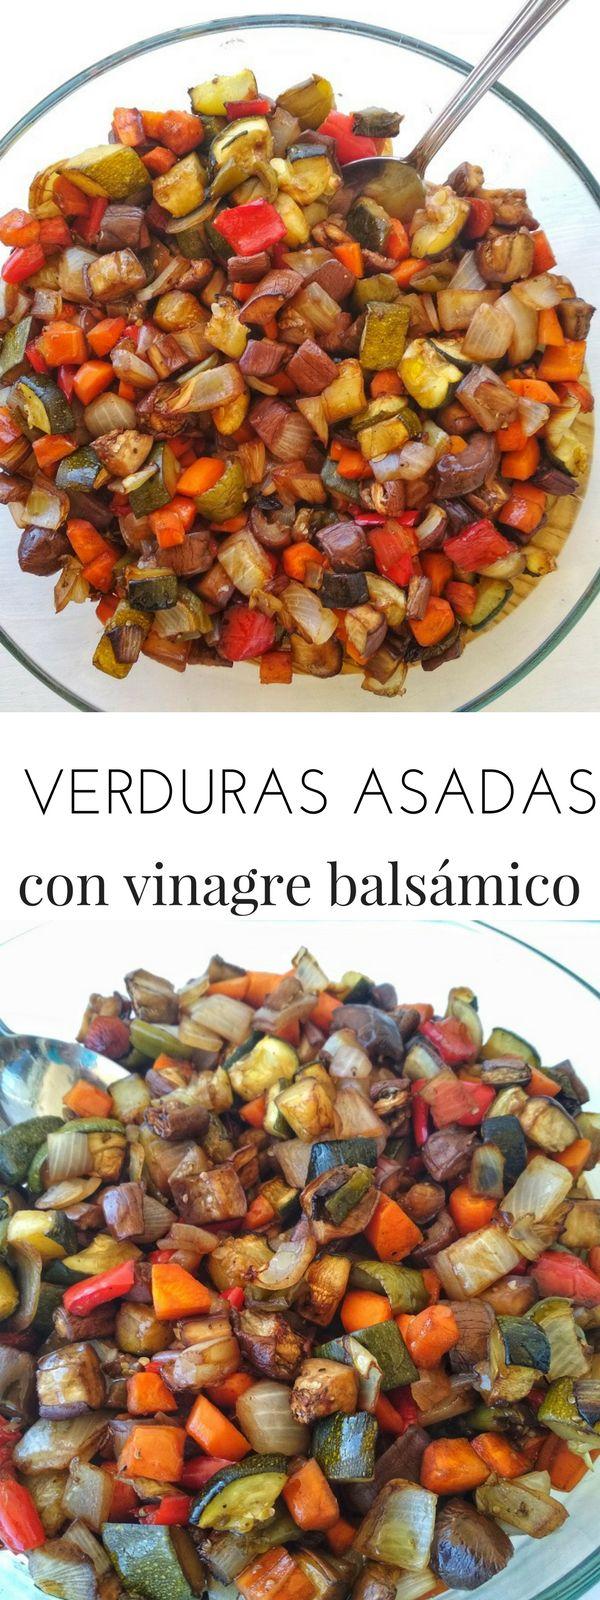 Te contamos cómo asar verduras sin aceite en el horno   Verduras asadas con vinagre   Tasty details